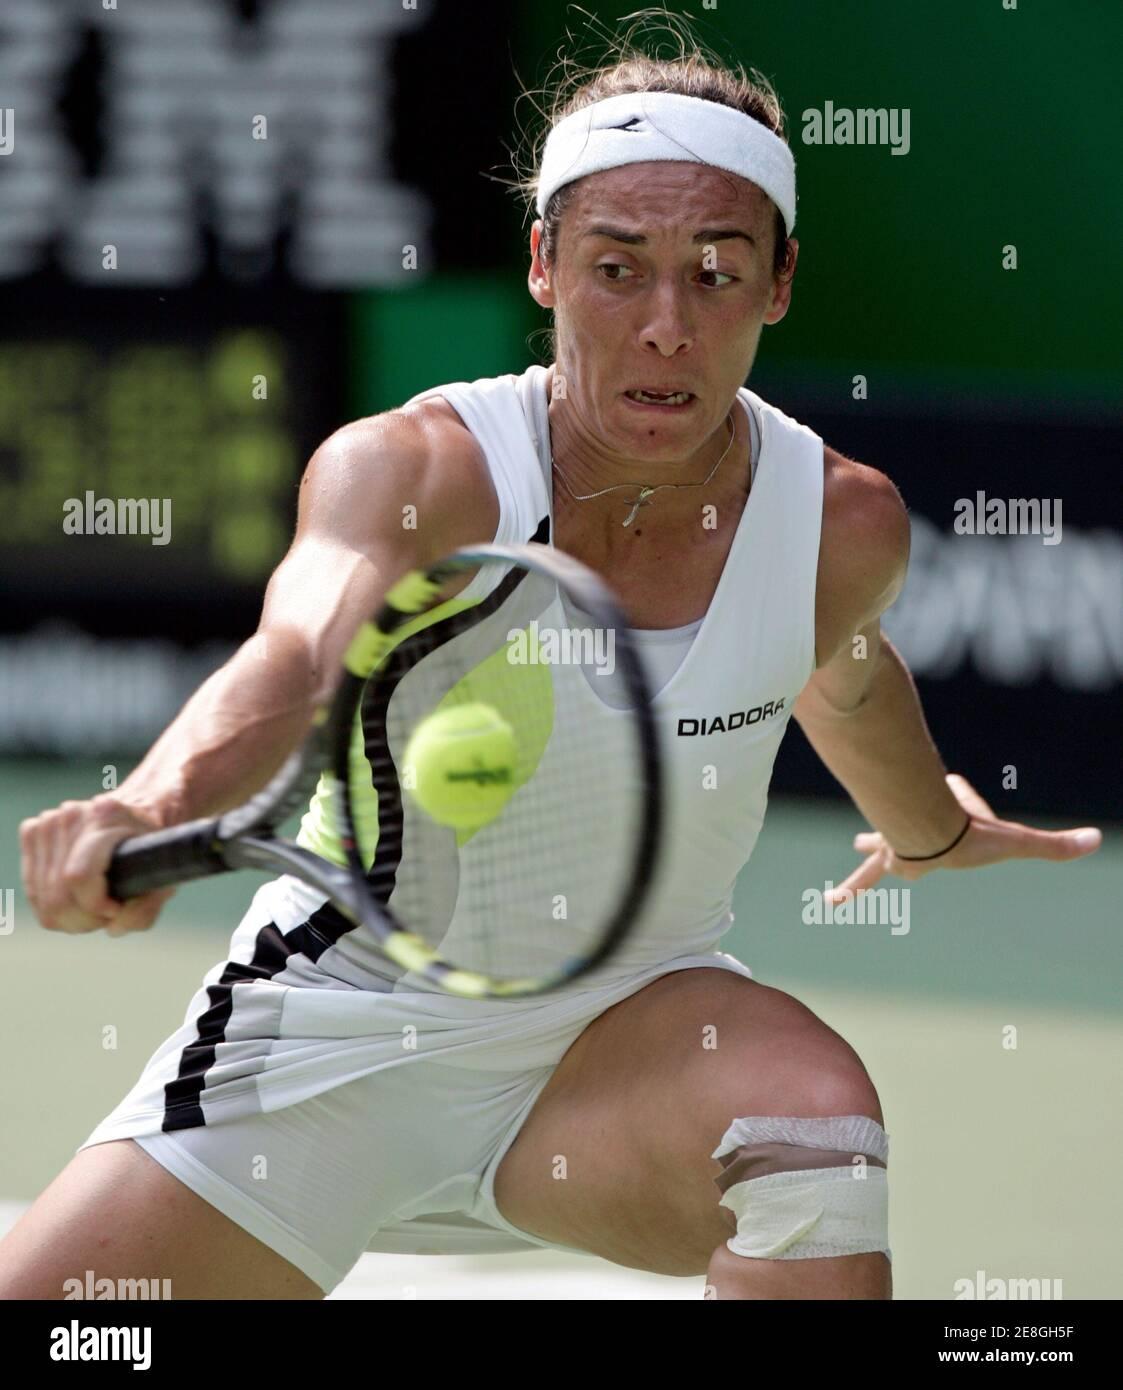 Francesca Schiavone, d'Italie, revient contre Kim Clijsters, de Belgique, lors du tournoi de tennis Open d'Australie à Melbourne le 23 janvier 2006. REUTERS/Claro Cortes IV Banque D'Images